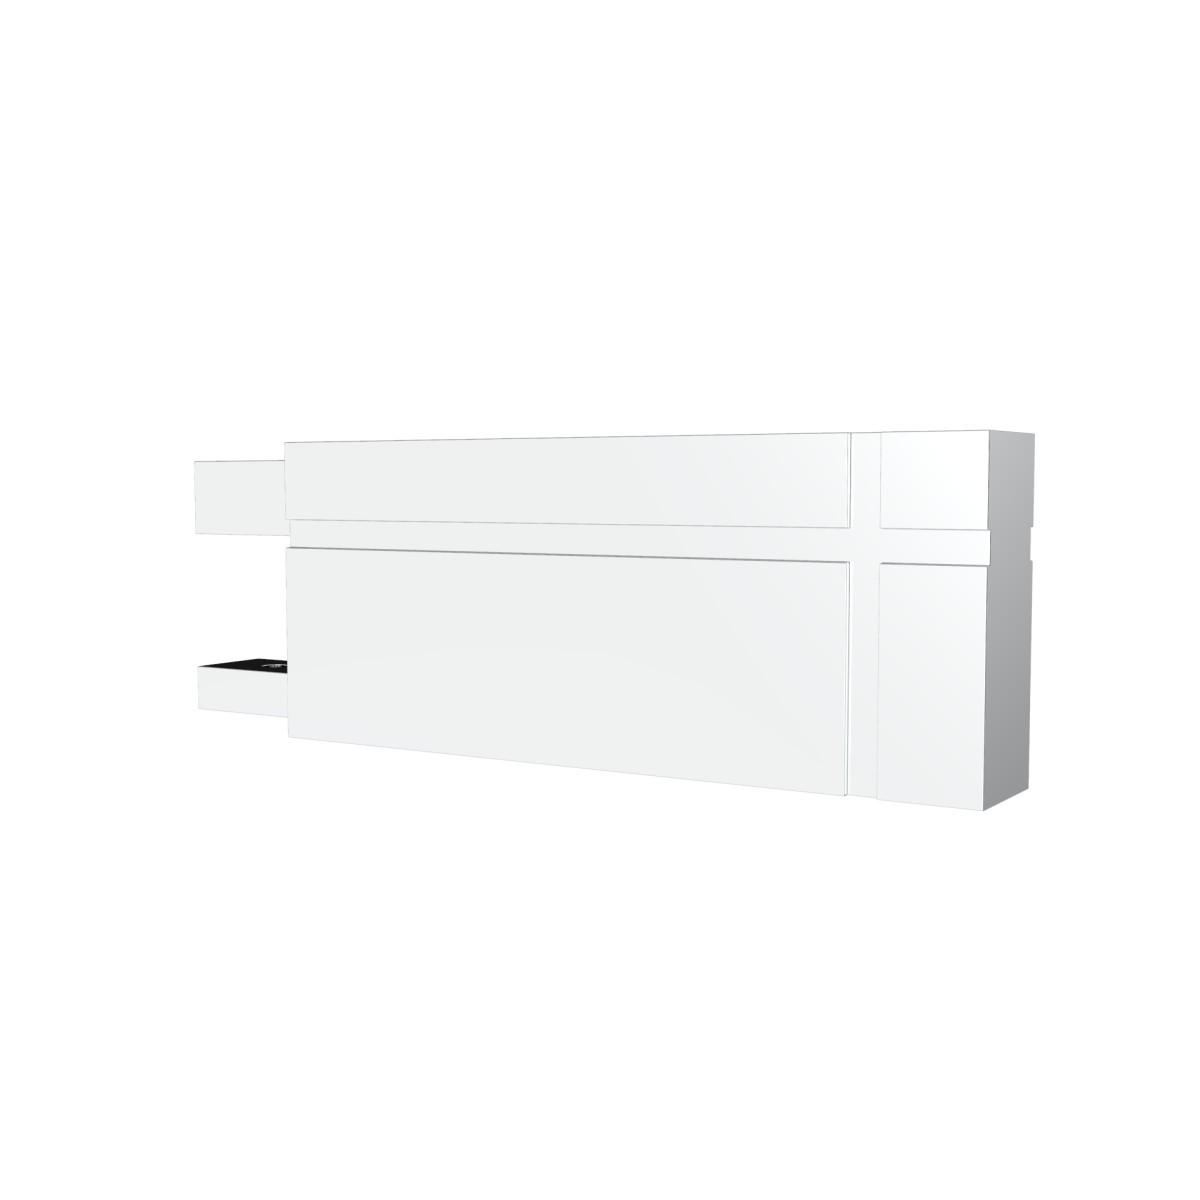 Наконечник Лайн металл цвет белый 9.3 см